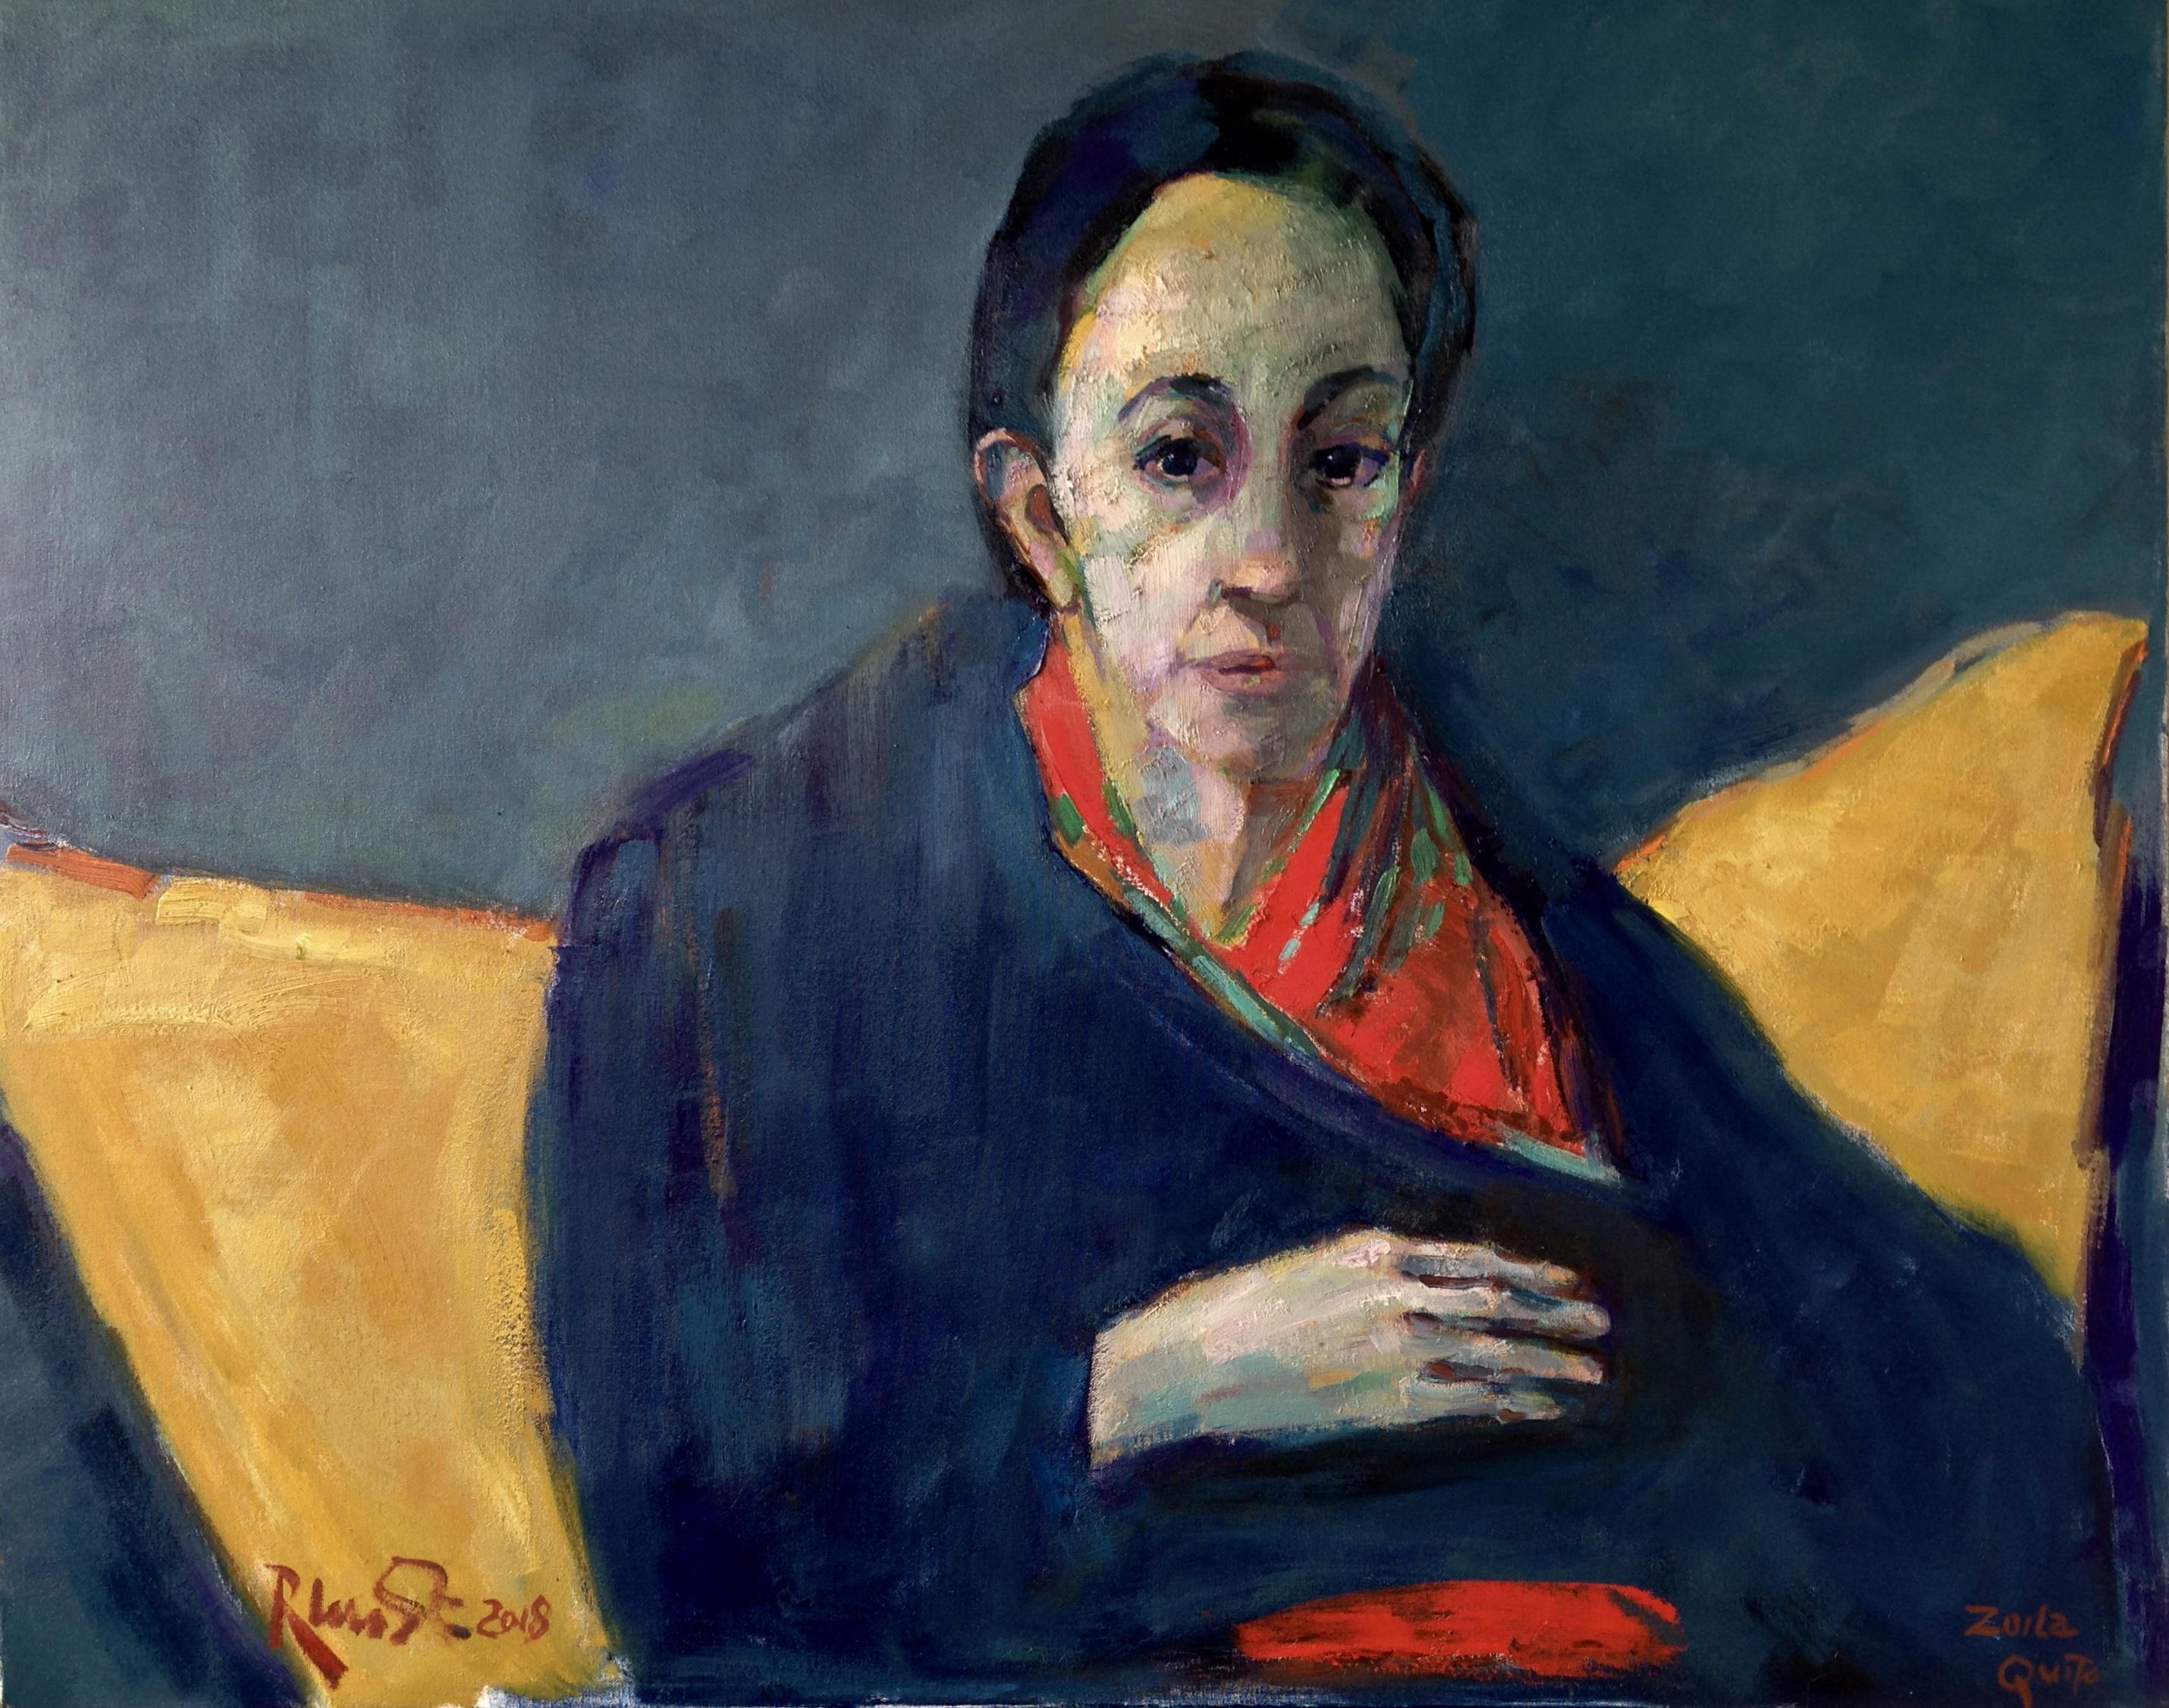 ritratto di Zoila V olio su tela 100 x80 cm 2018 venduto coll Renato P Italia